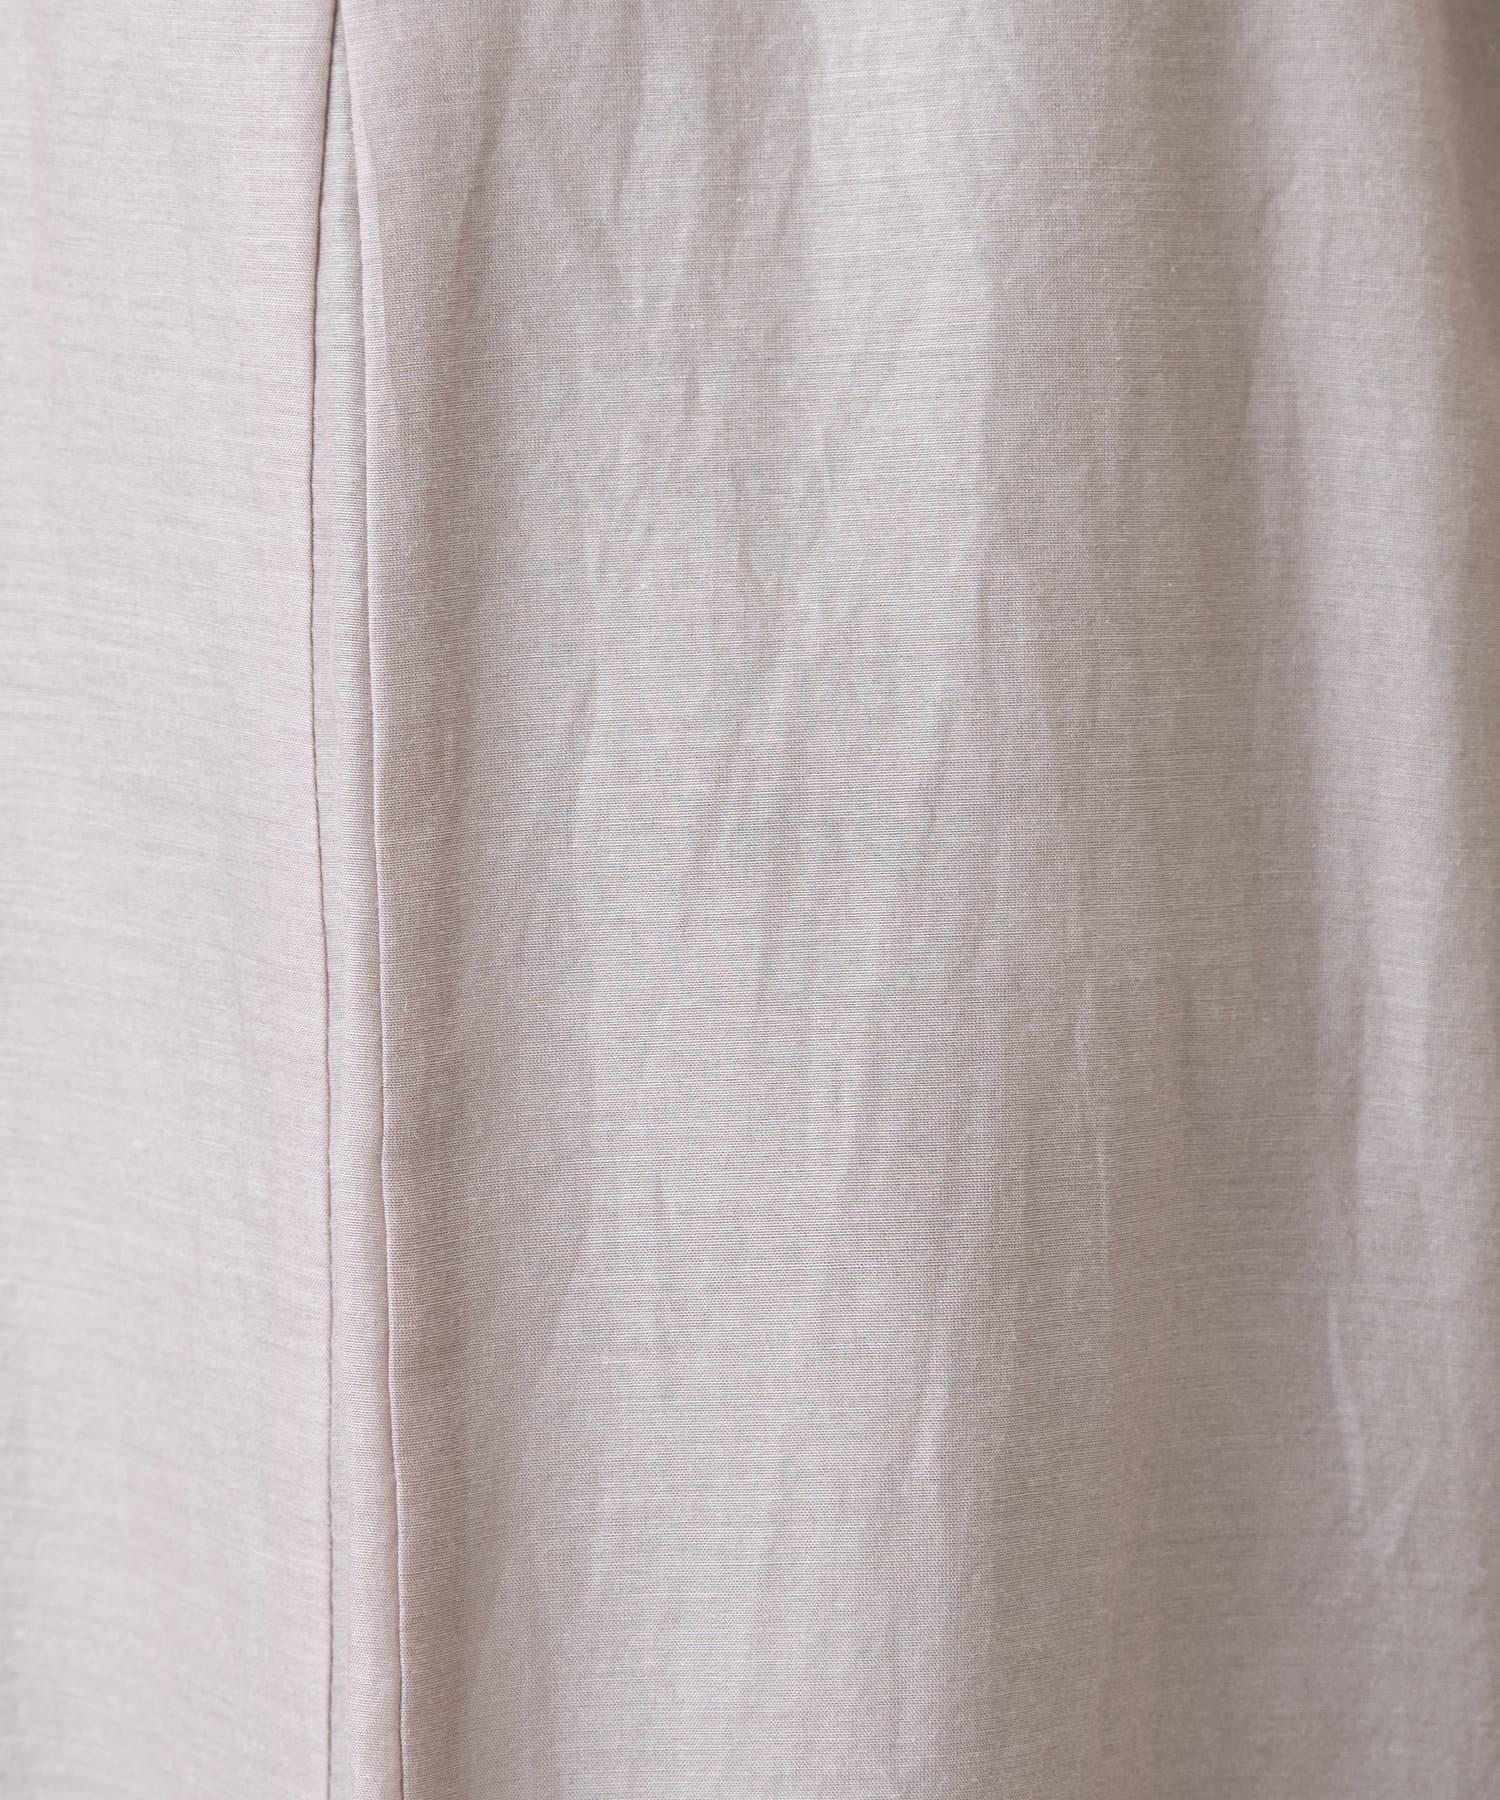 GALLARDAGALANTE(ガリャルダガランテ) コットンシルクフレアスカート